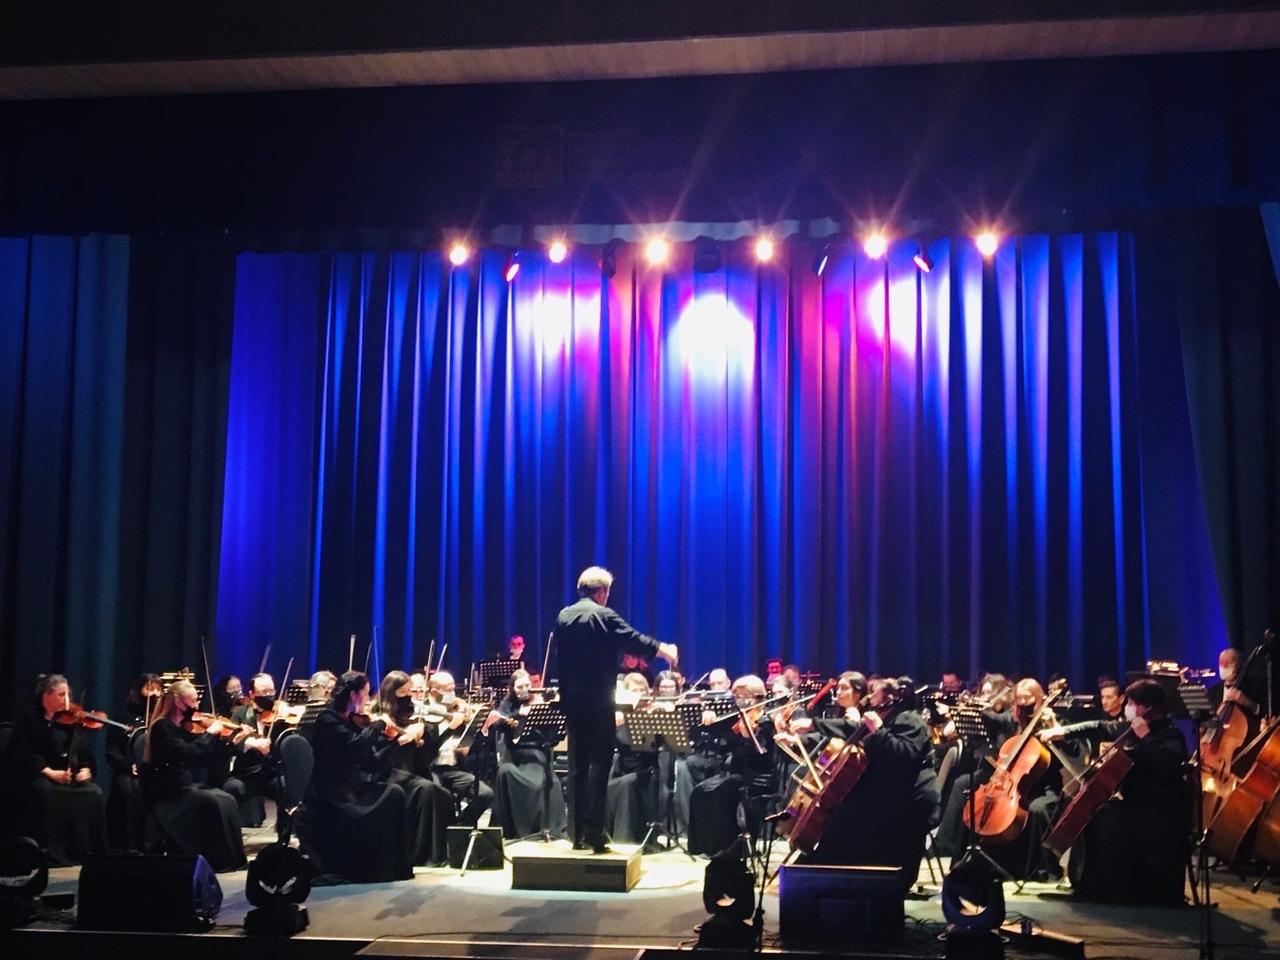 Студент Тамбовского филиала РАНХиГС посетил концерт классической музыки